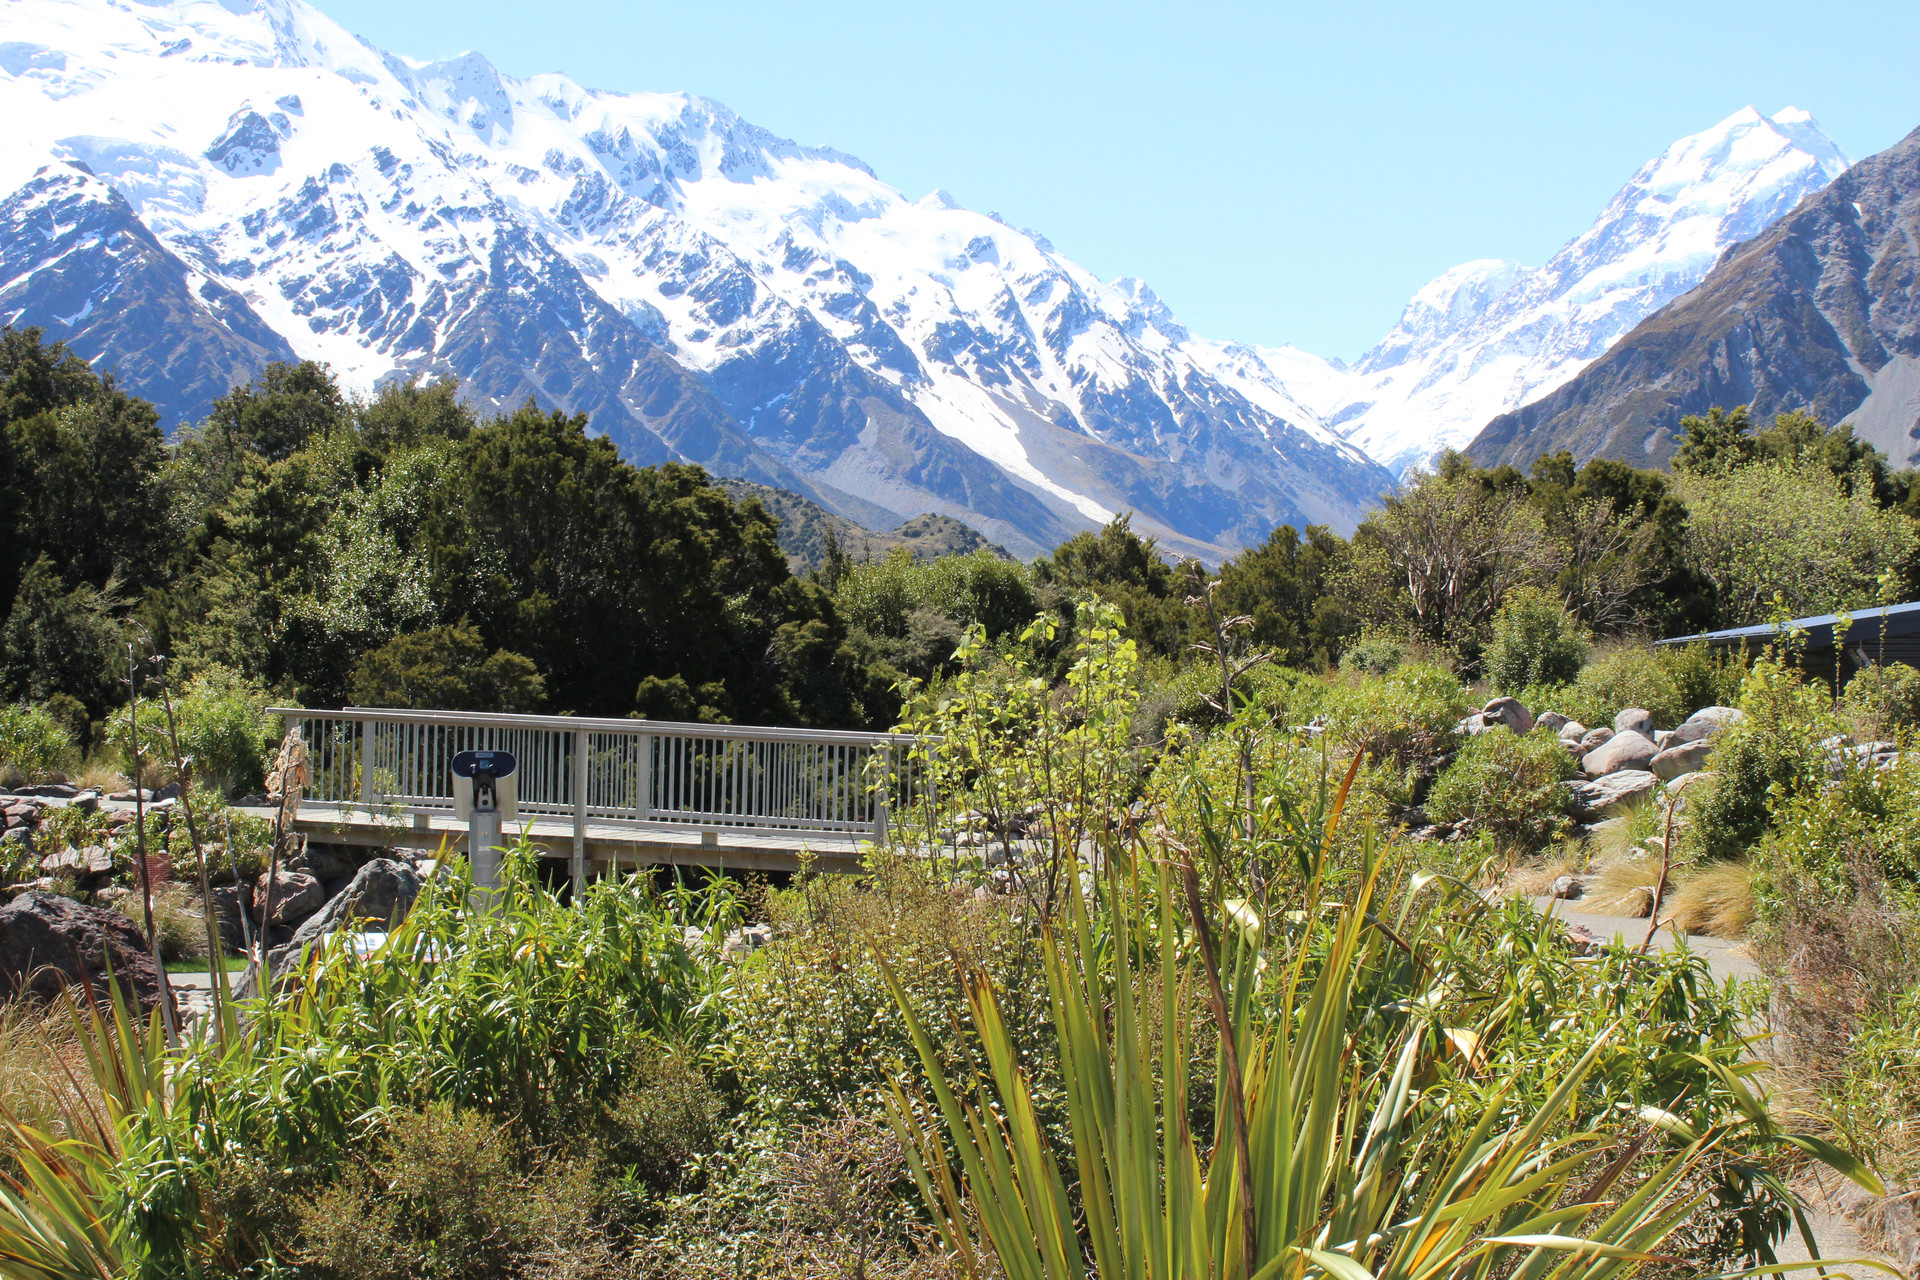 landscape planting design and bridge at mt cook visitor centre